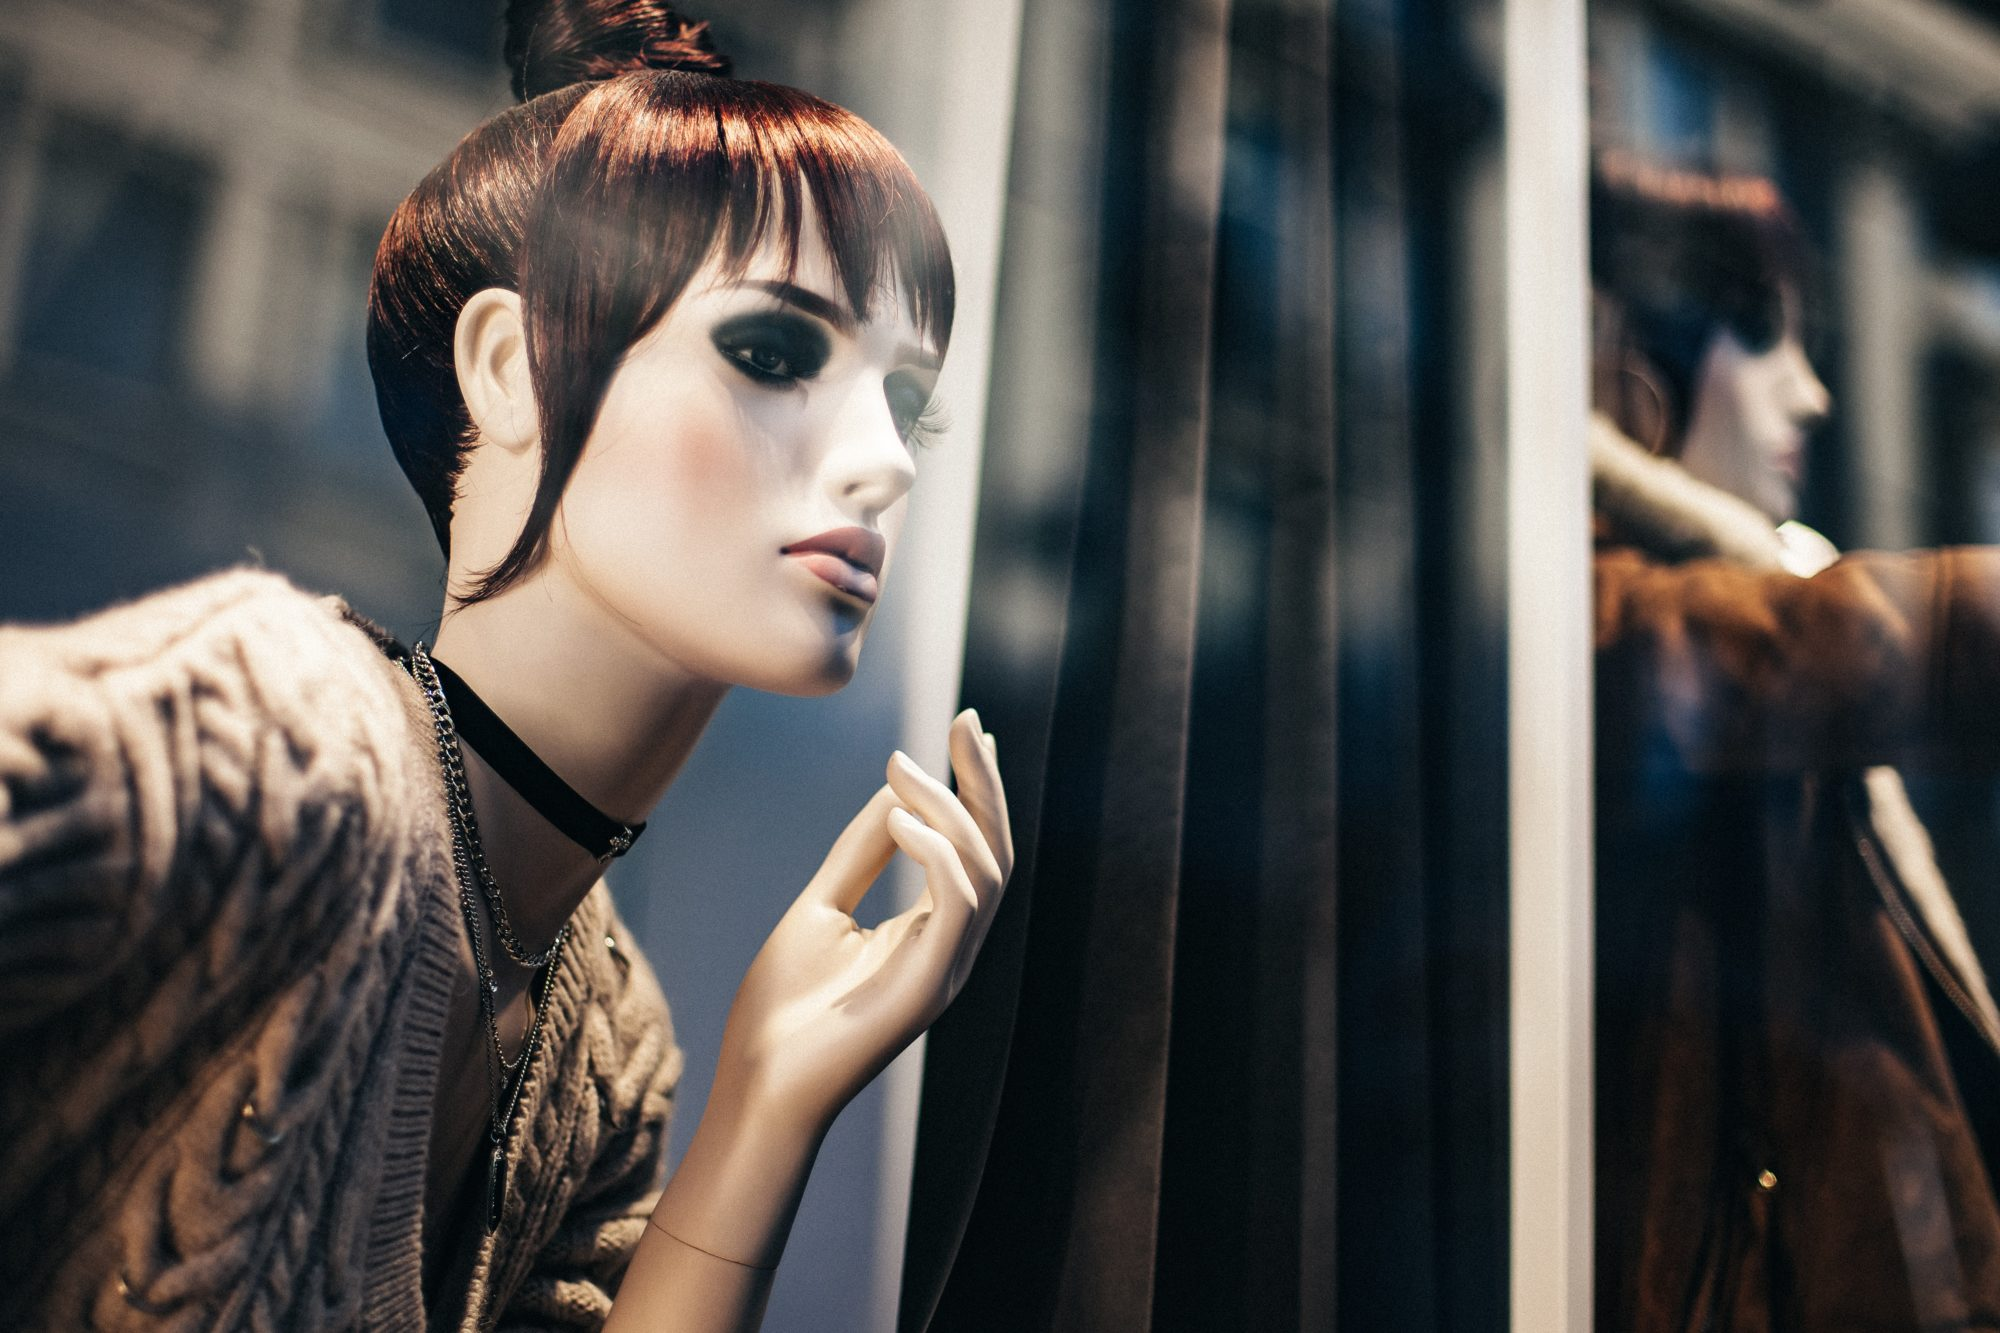 Fashion Revolution: Slowing Down Fast Fashion